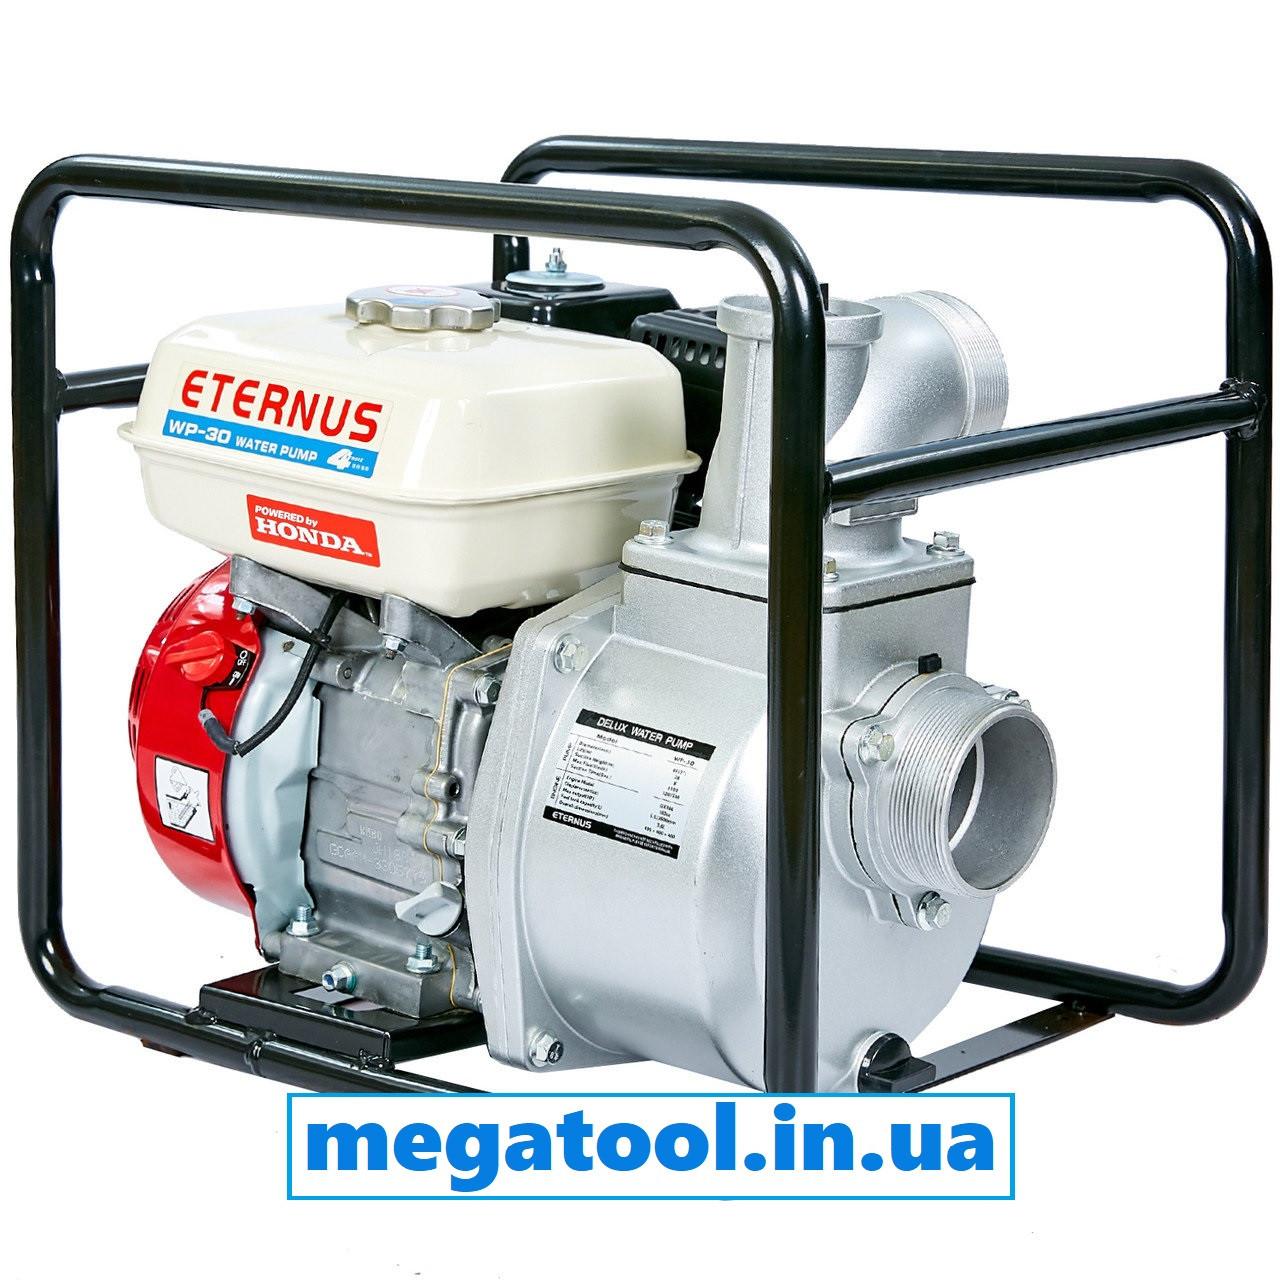 Мотопомпа бензиновая ETERNUS WP30